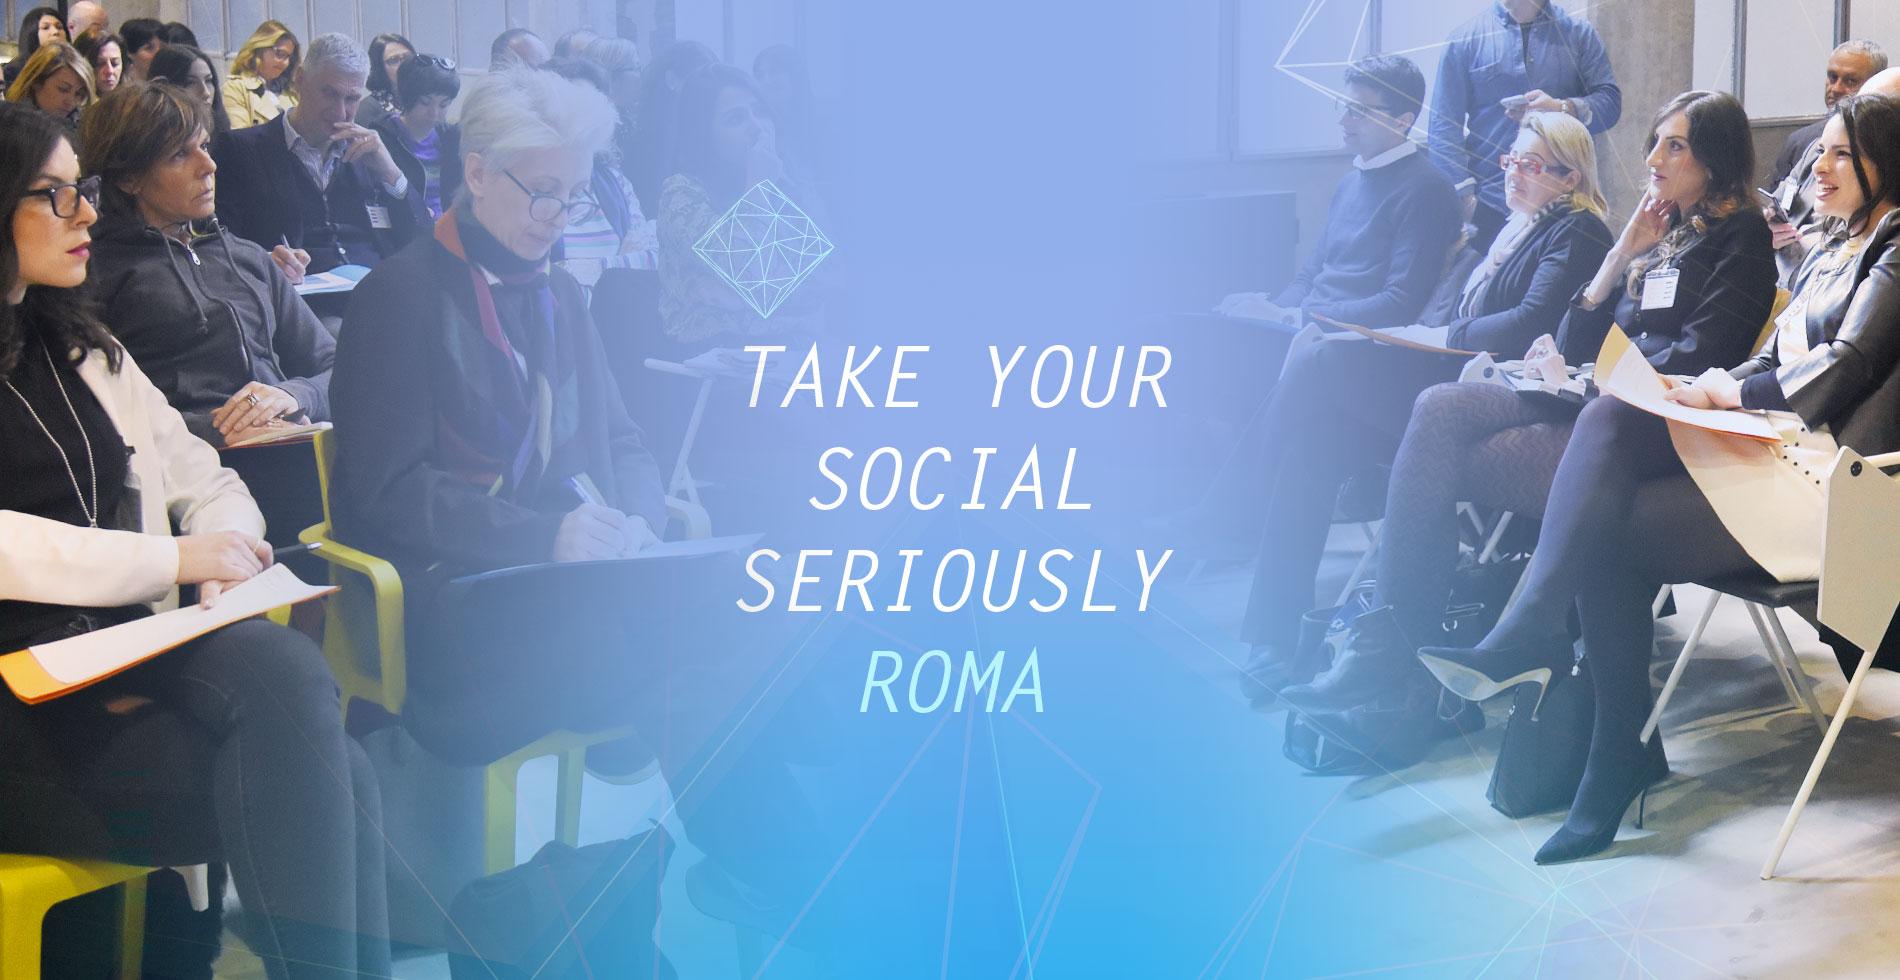 Take your social media - Rome